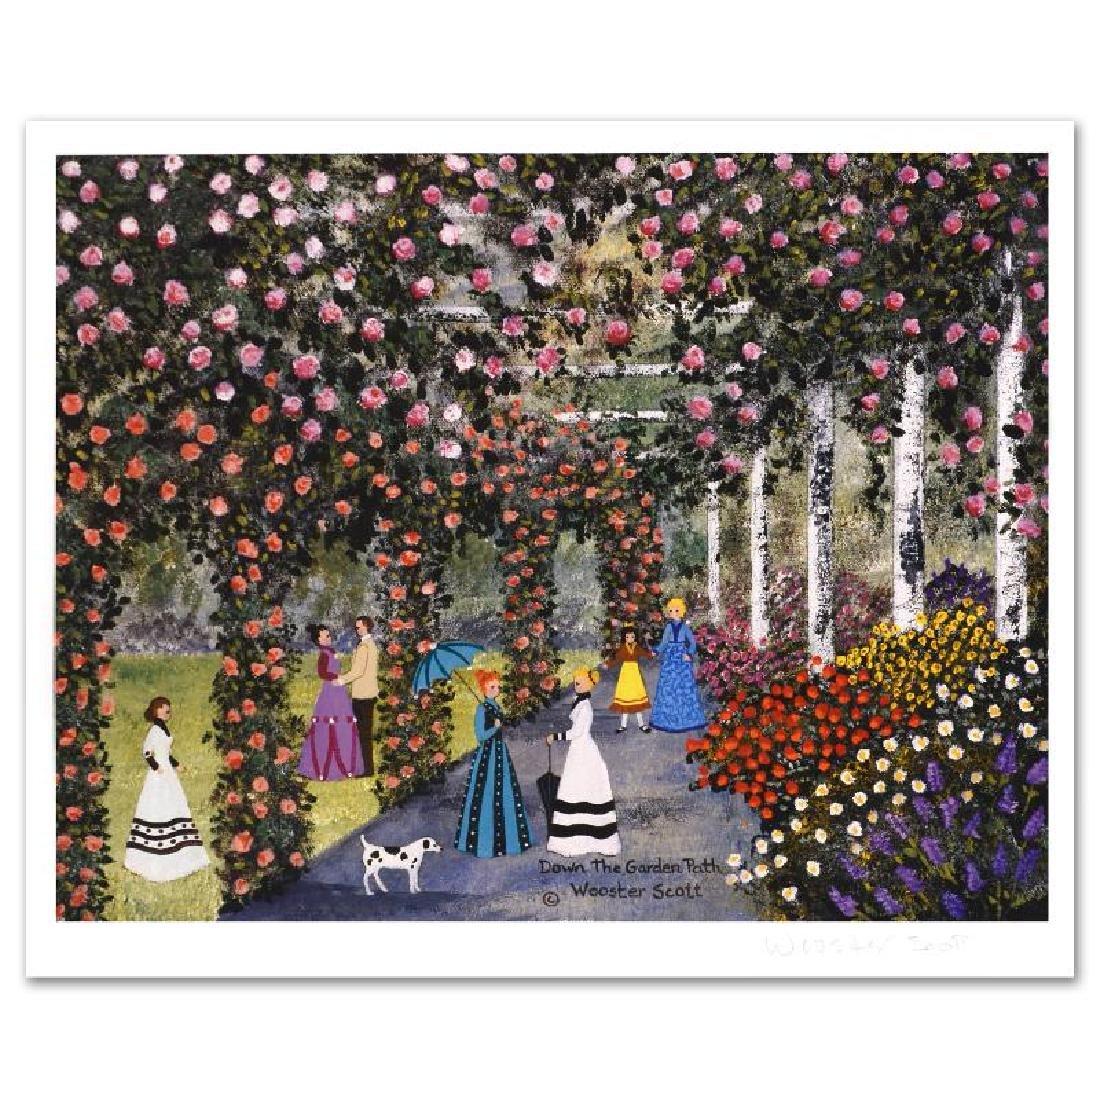 Down the Garden Path by Wooster Scott, Jane